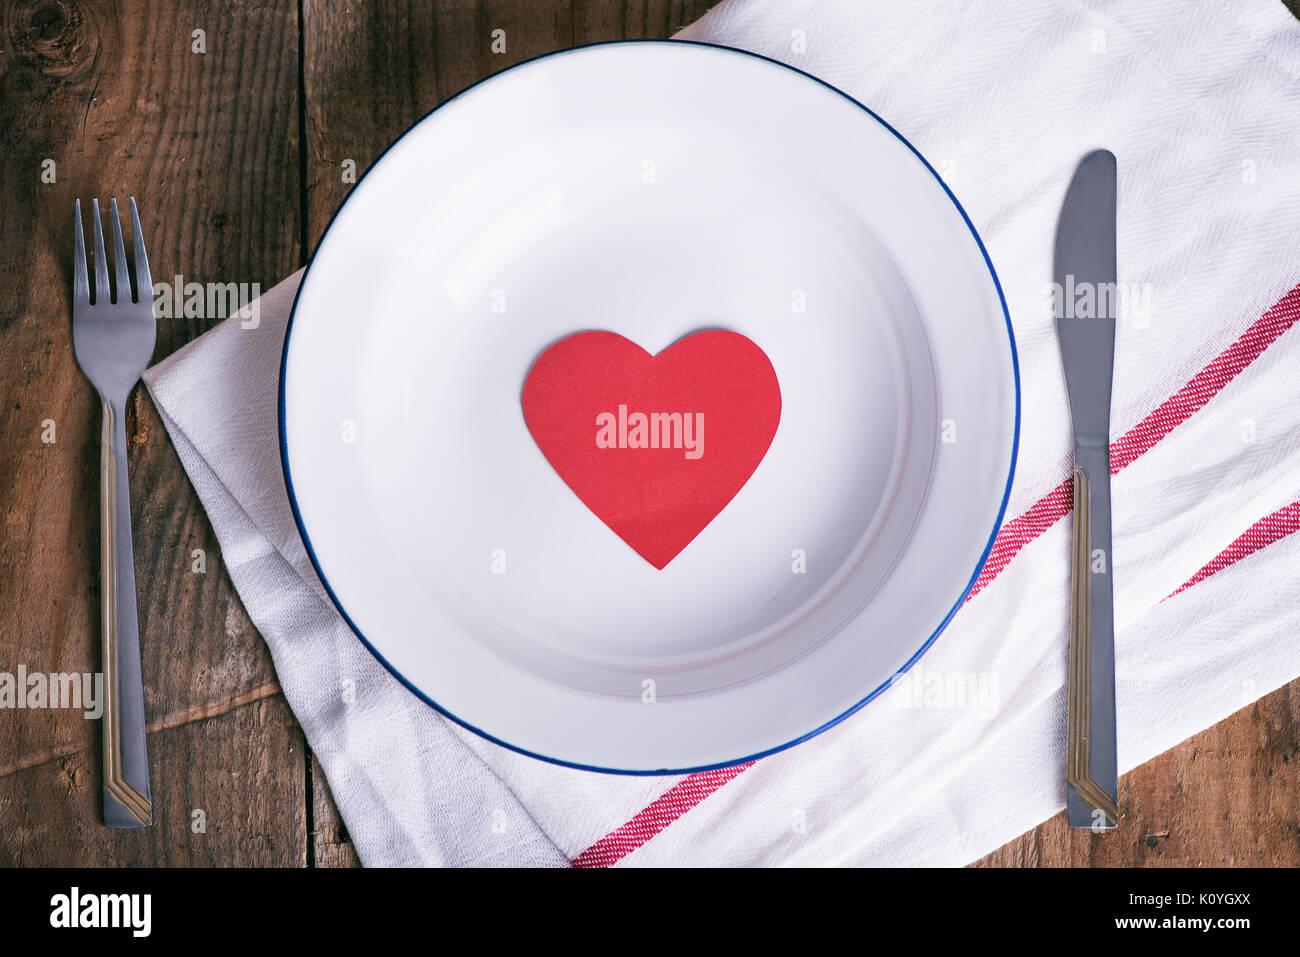 Concepto de dieta y pérdida de peso. Vaciar la placa con papel rojo corazón en medio de la placa. Foto de stock